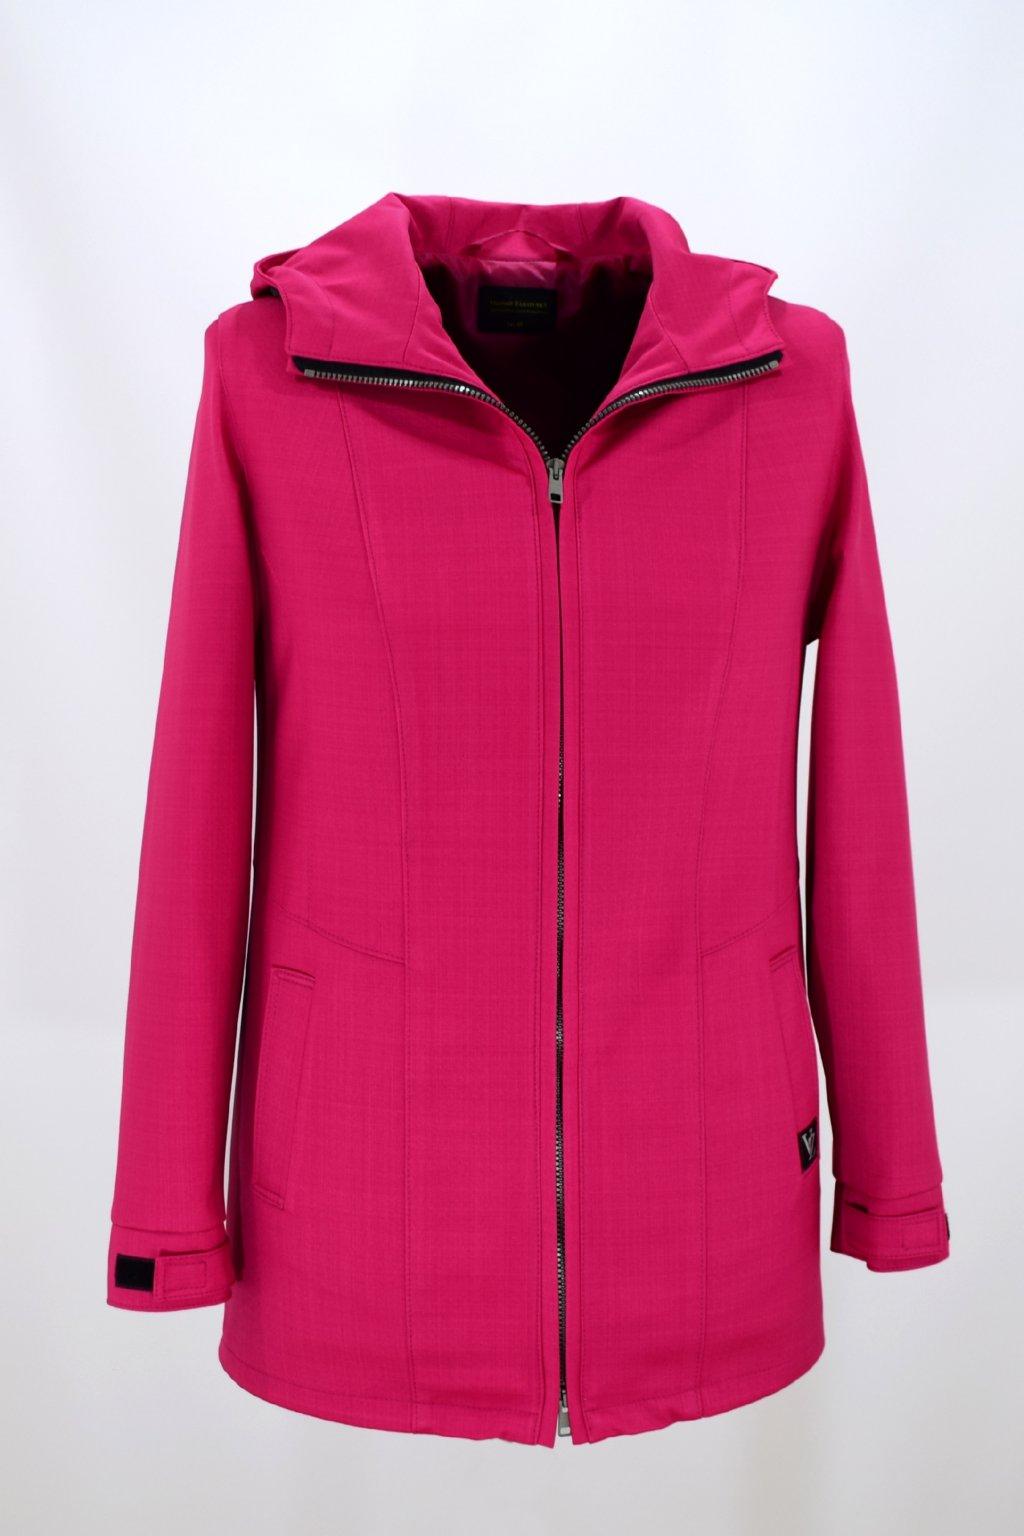 Dámská růžová jarní outdoorová bunda Elza nadměrné velikosti